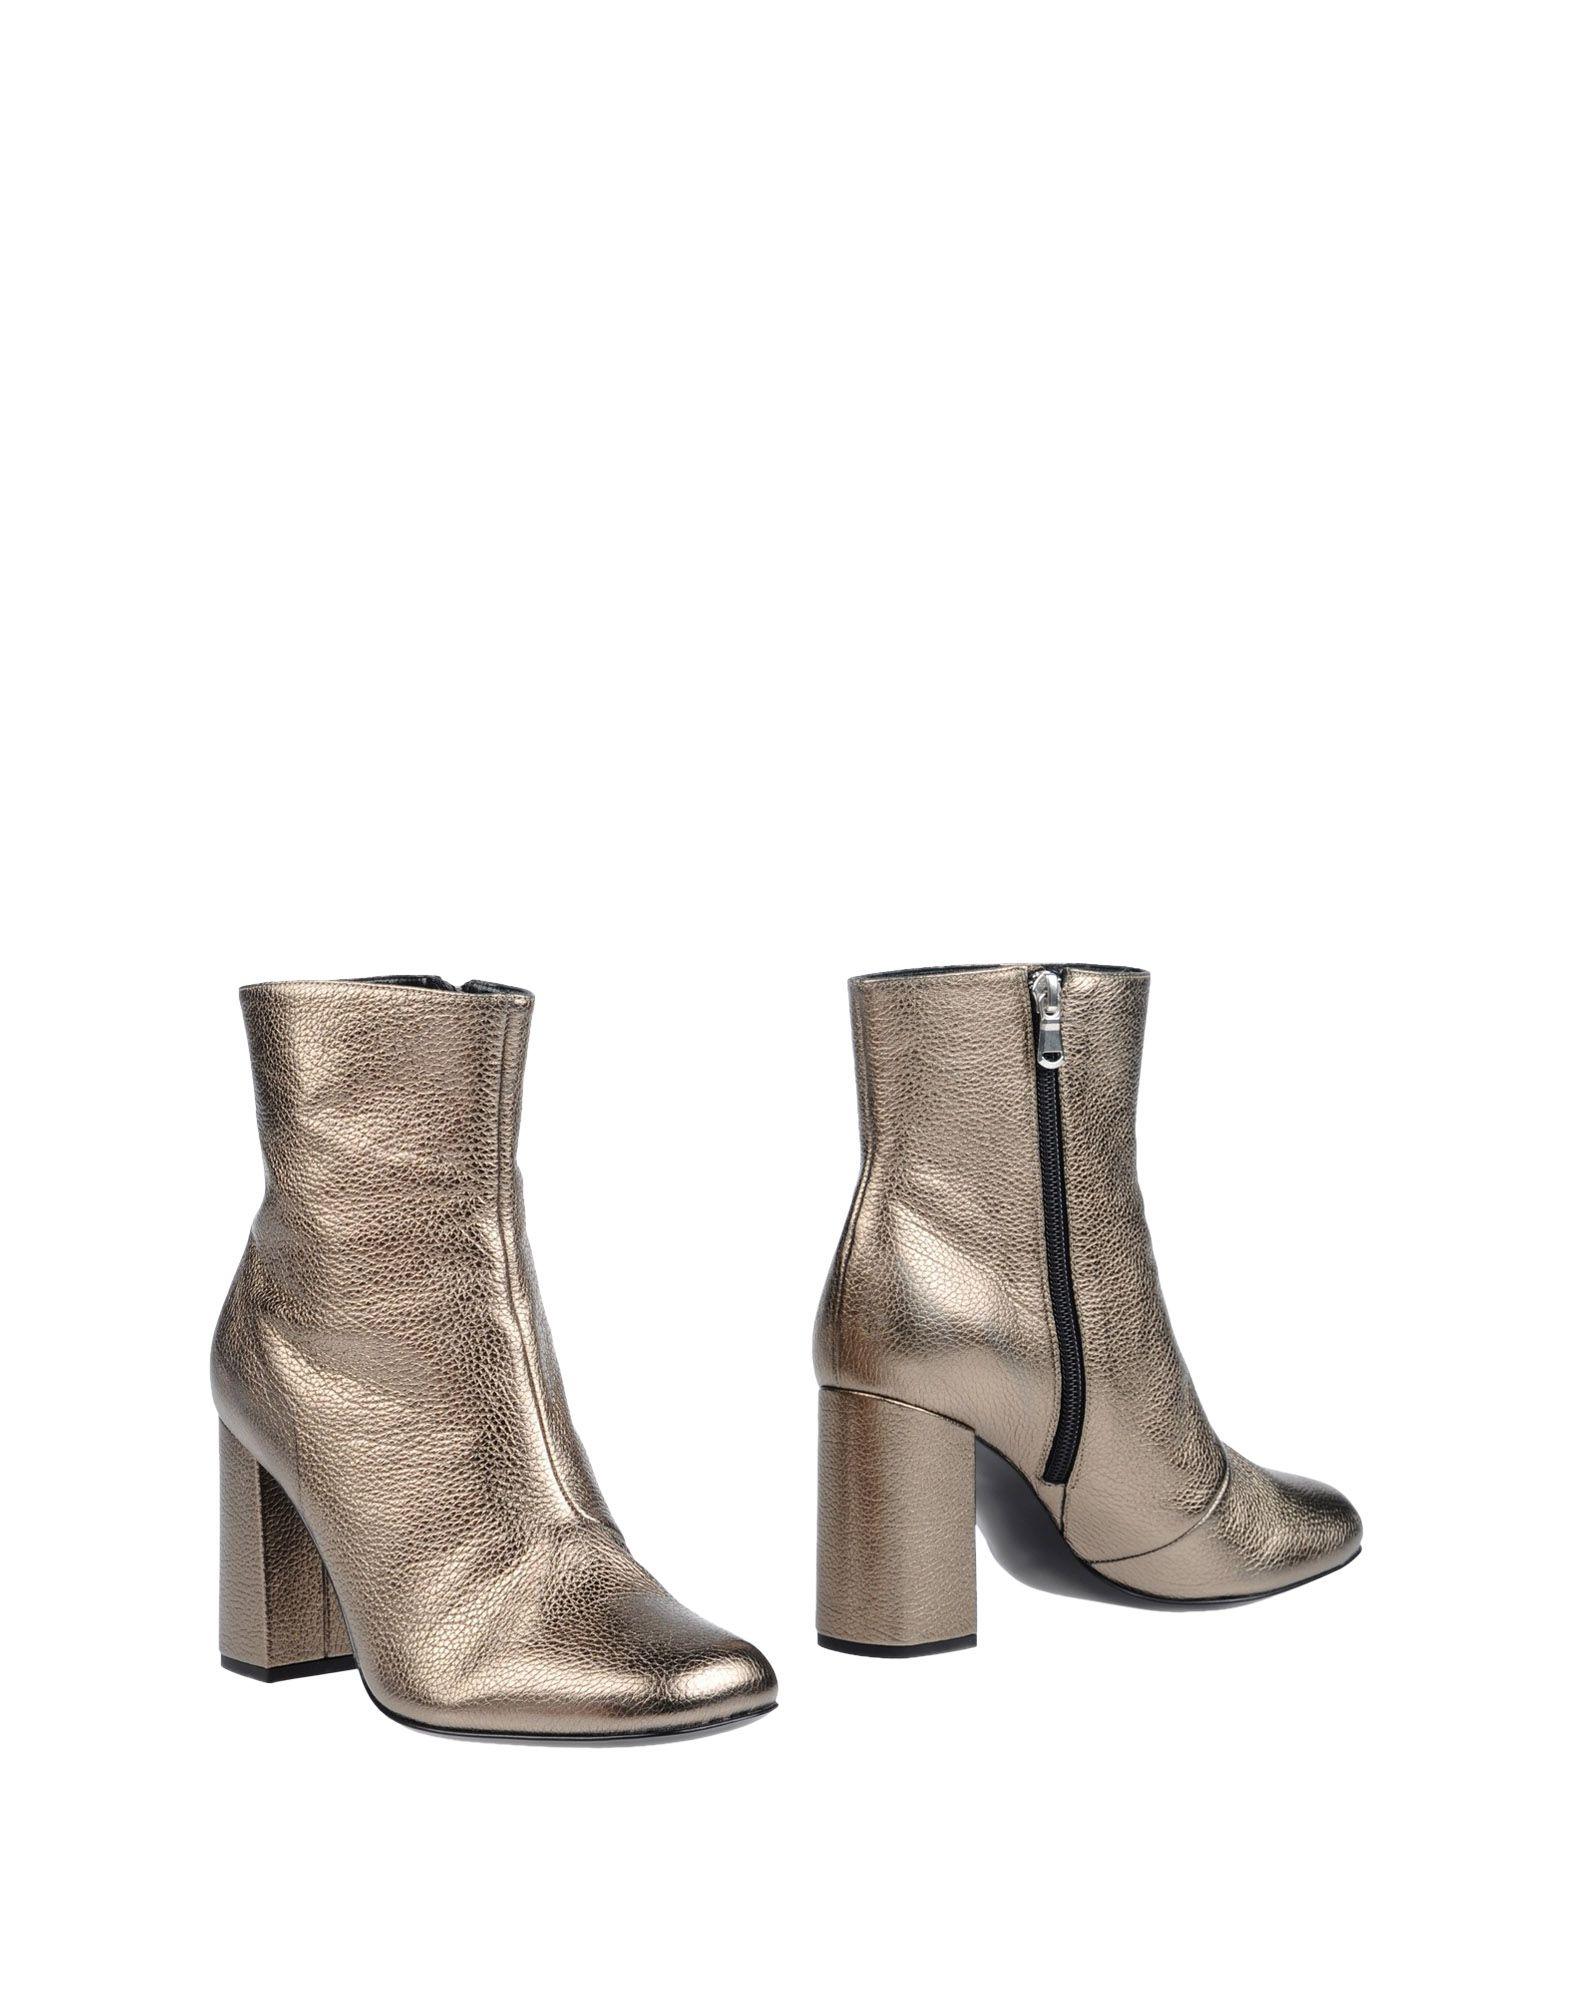 Gianna Meliani Neue Stiefelette Damen  11256147UL Neue Meliani Schuhe 35bbc7